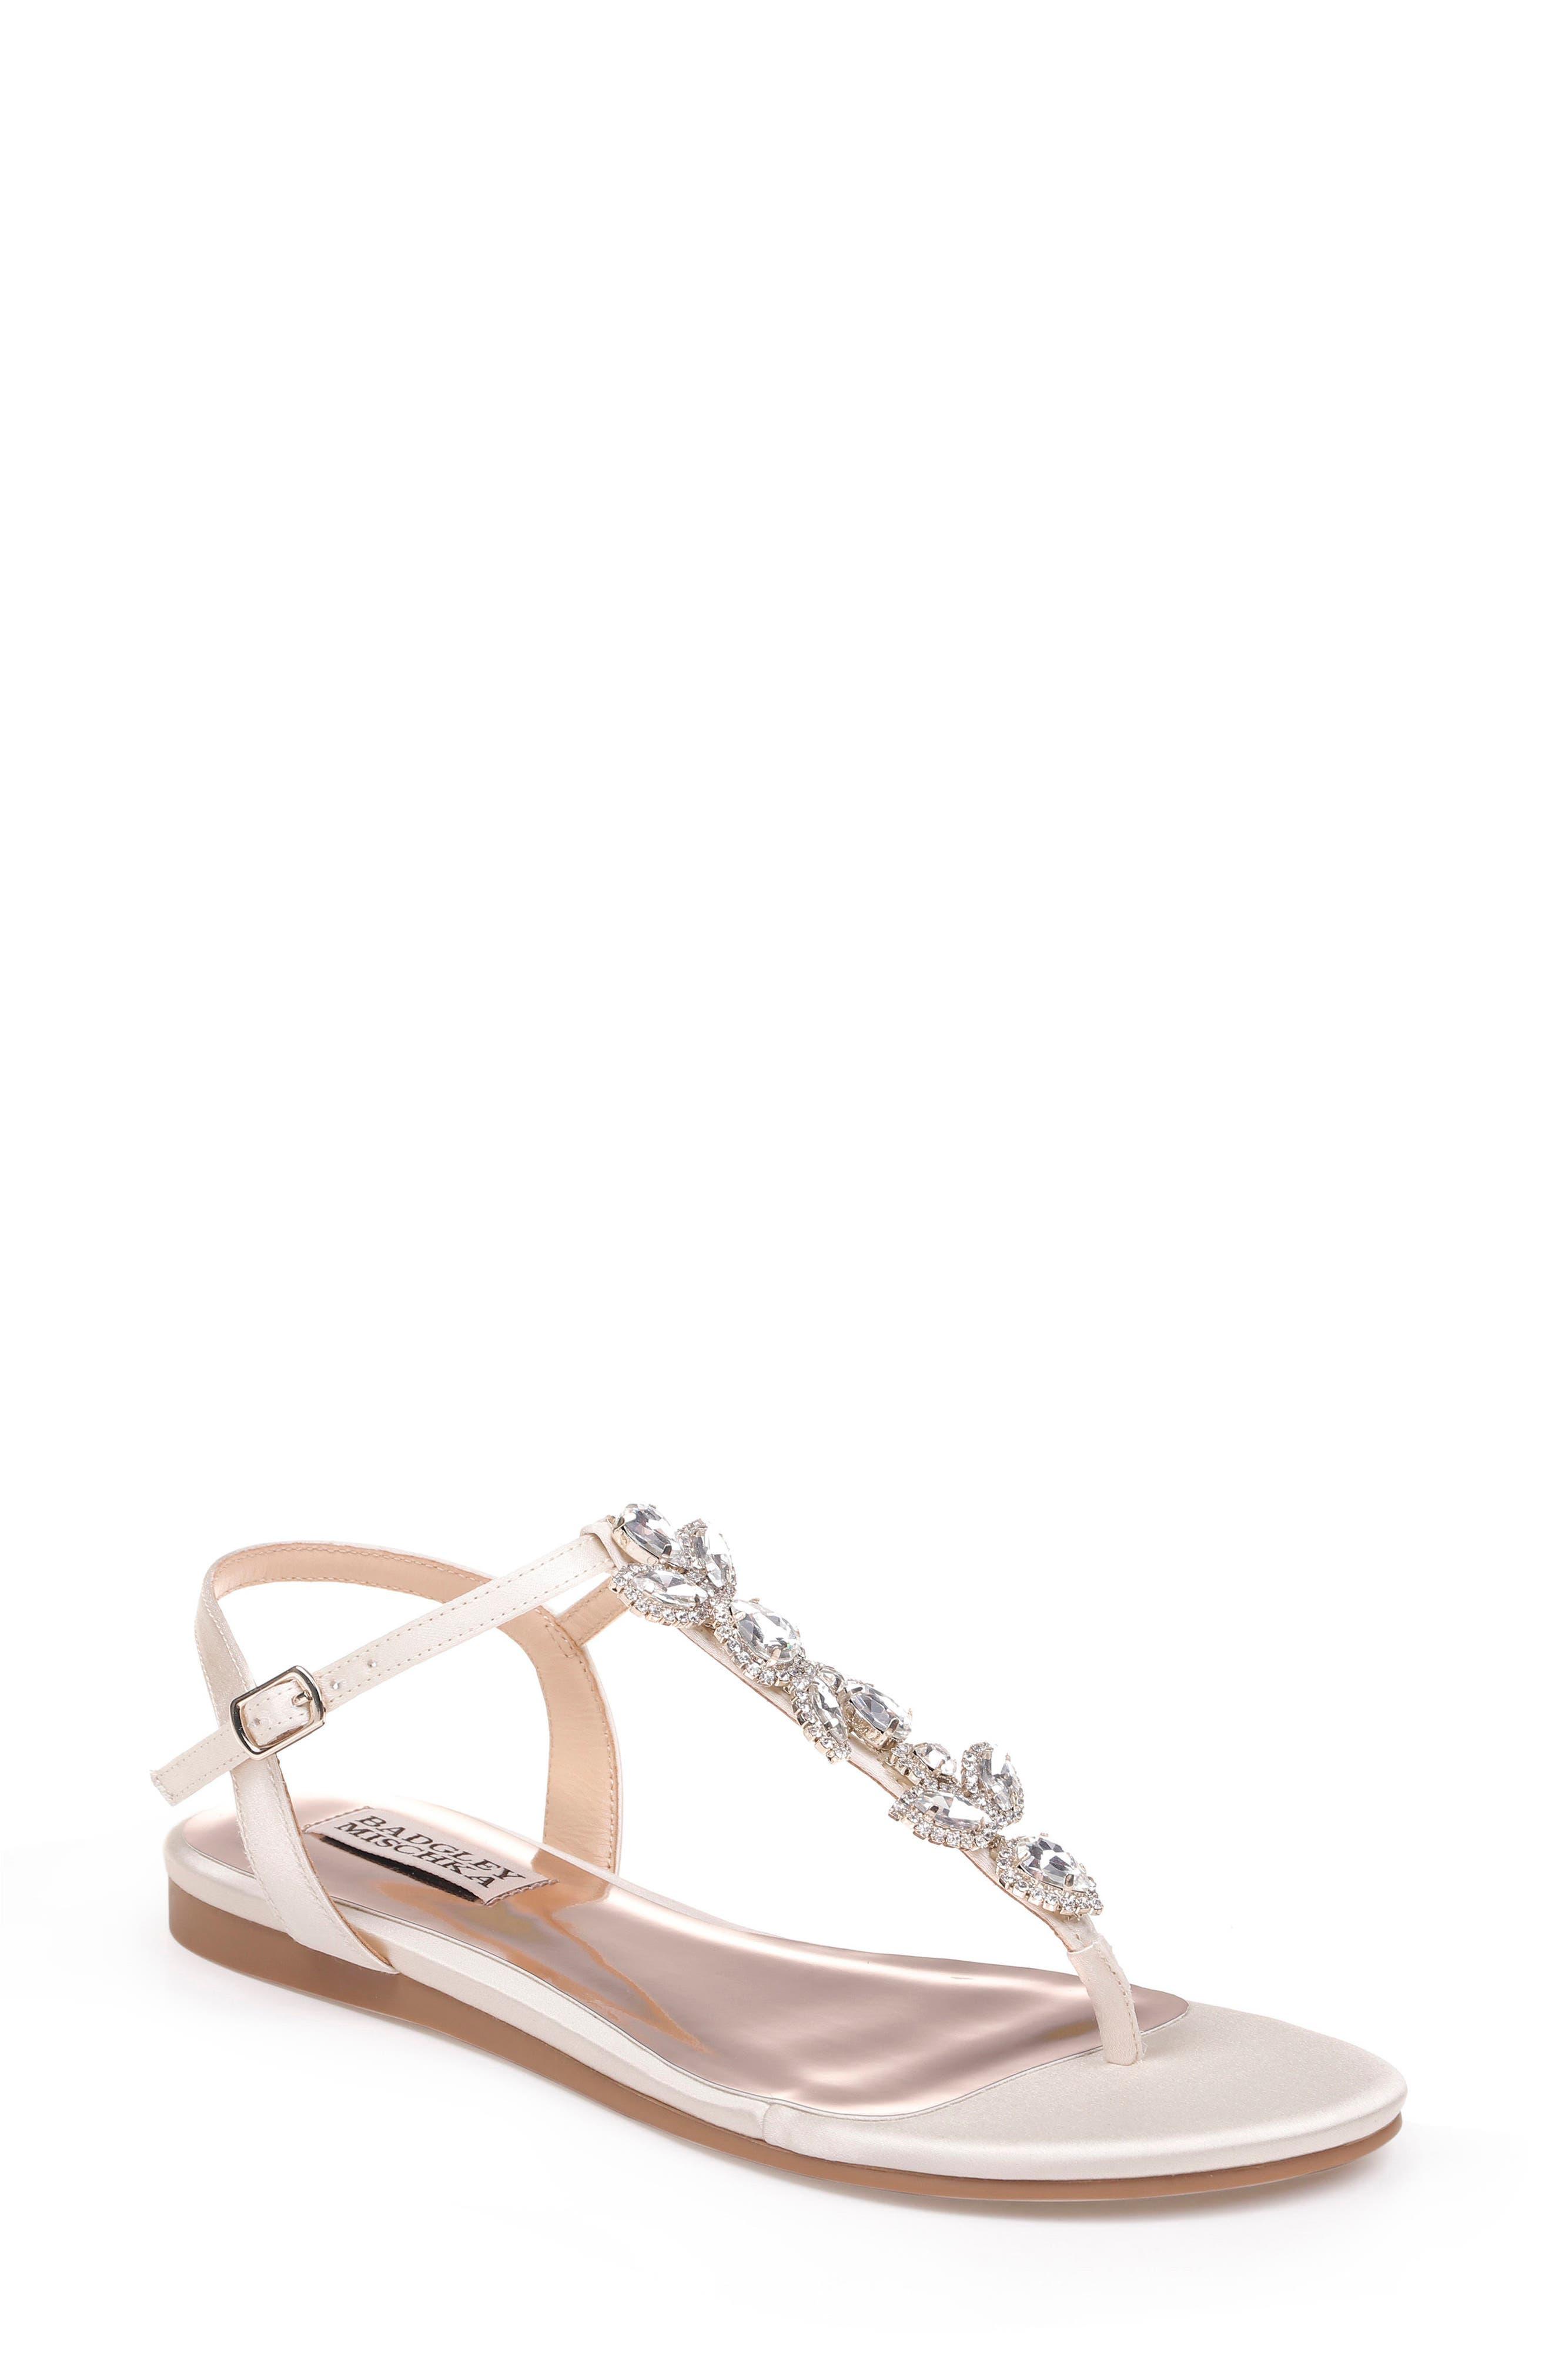 Sissi Crystal Embellished Sandal,                             Main thumbnail 1, color,                             100